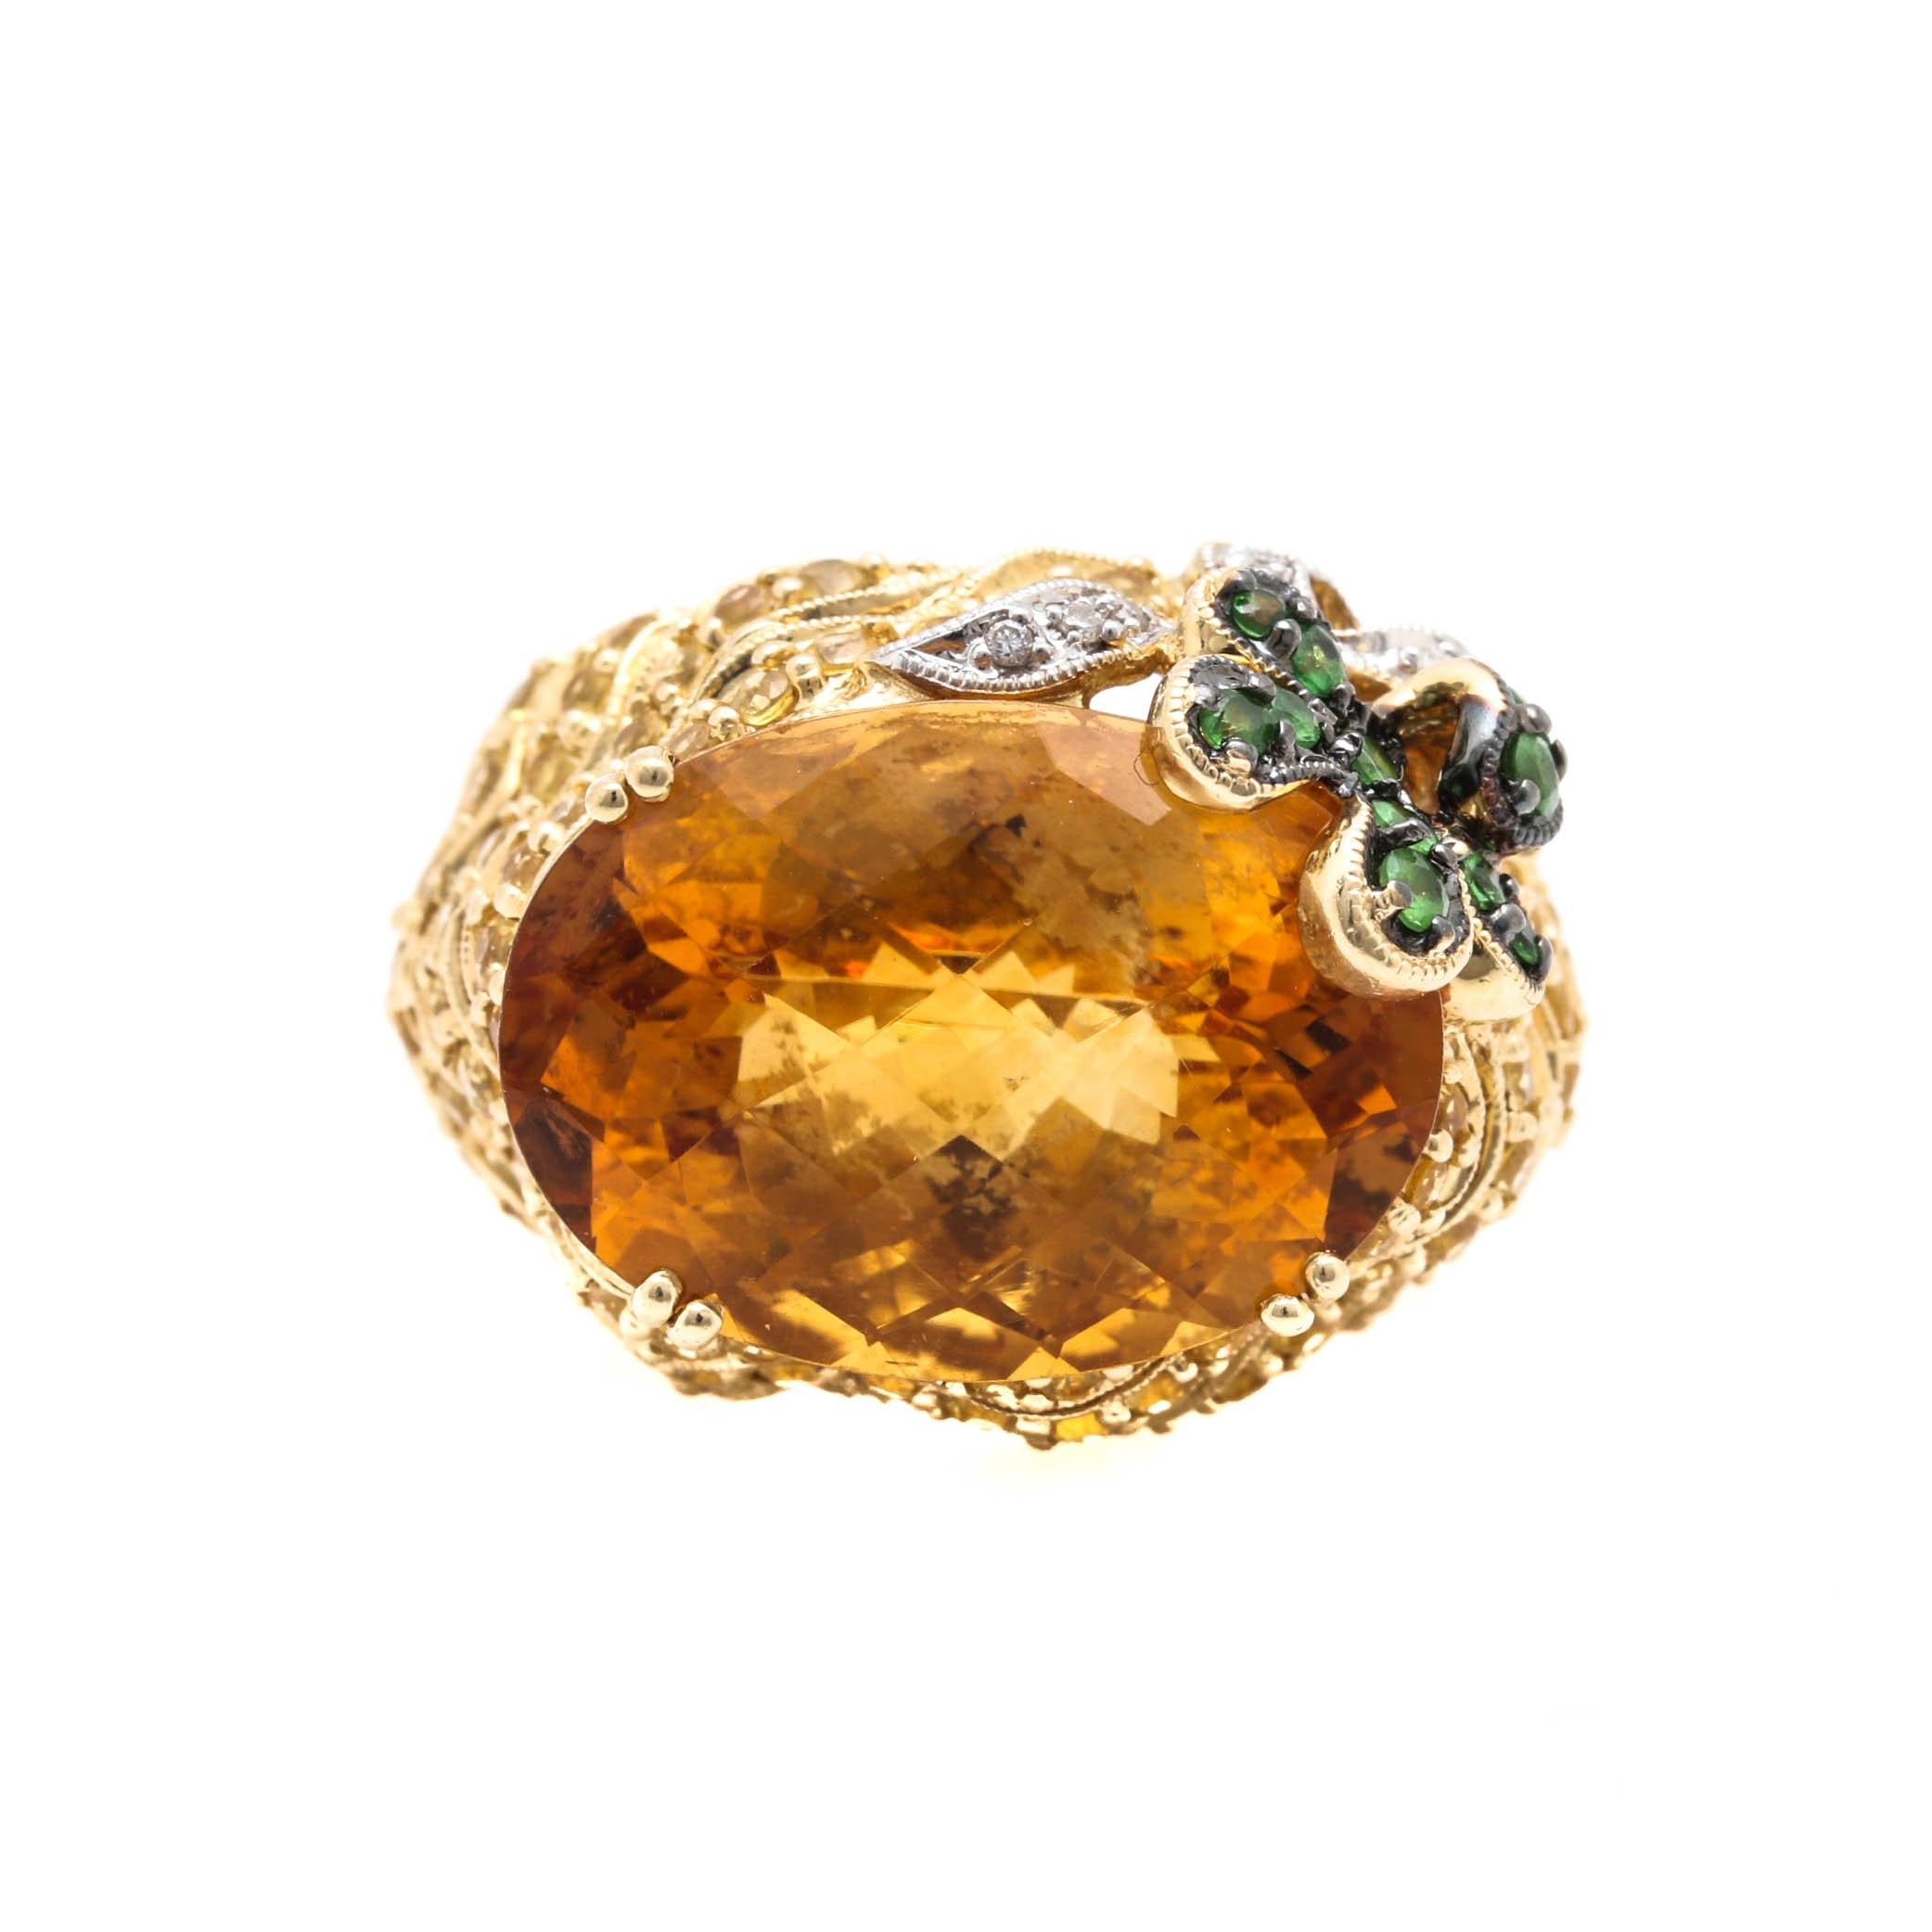 14K Yellow Gold 12.76 CT Citrine, Gemstone and Diamond Ring